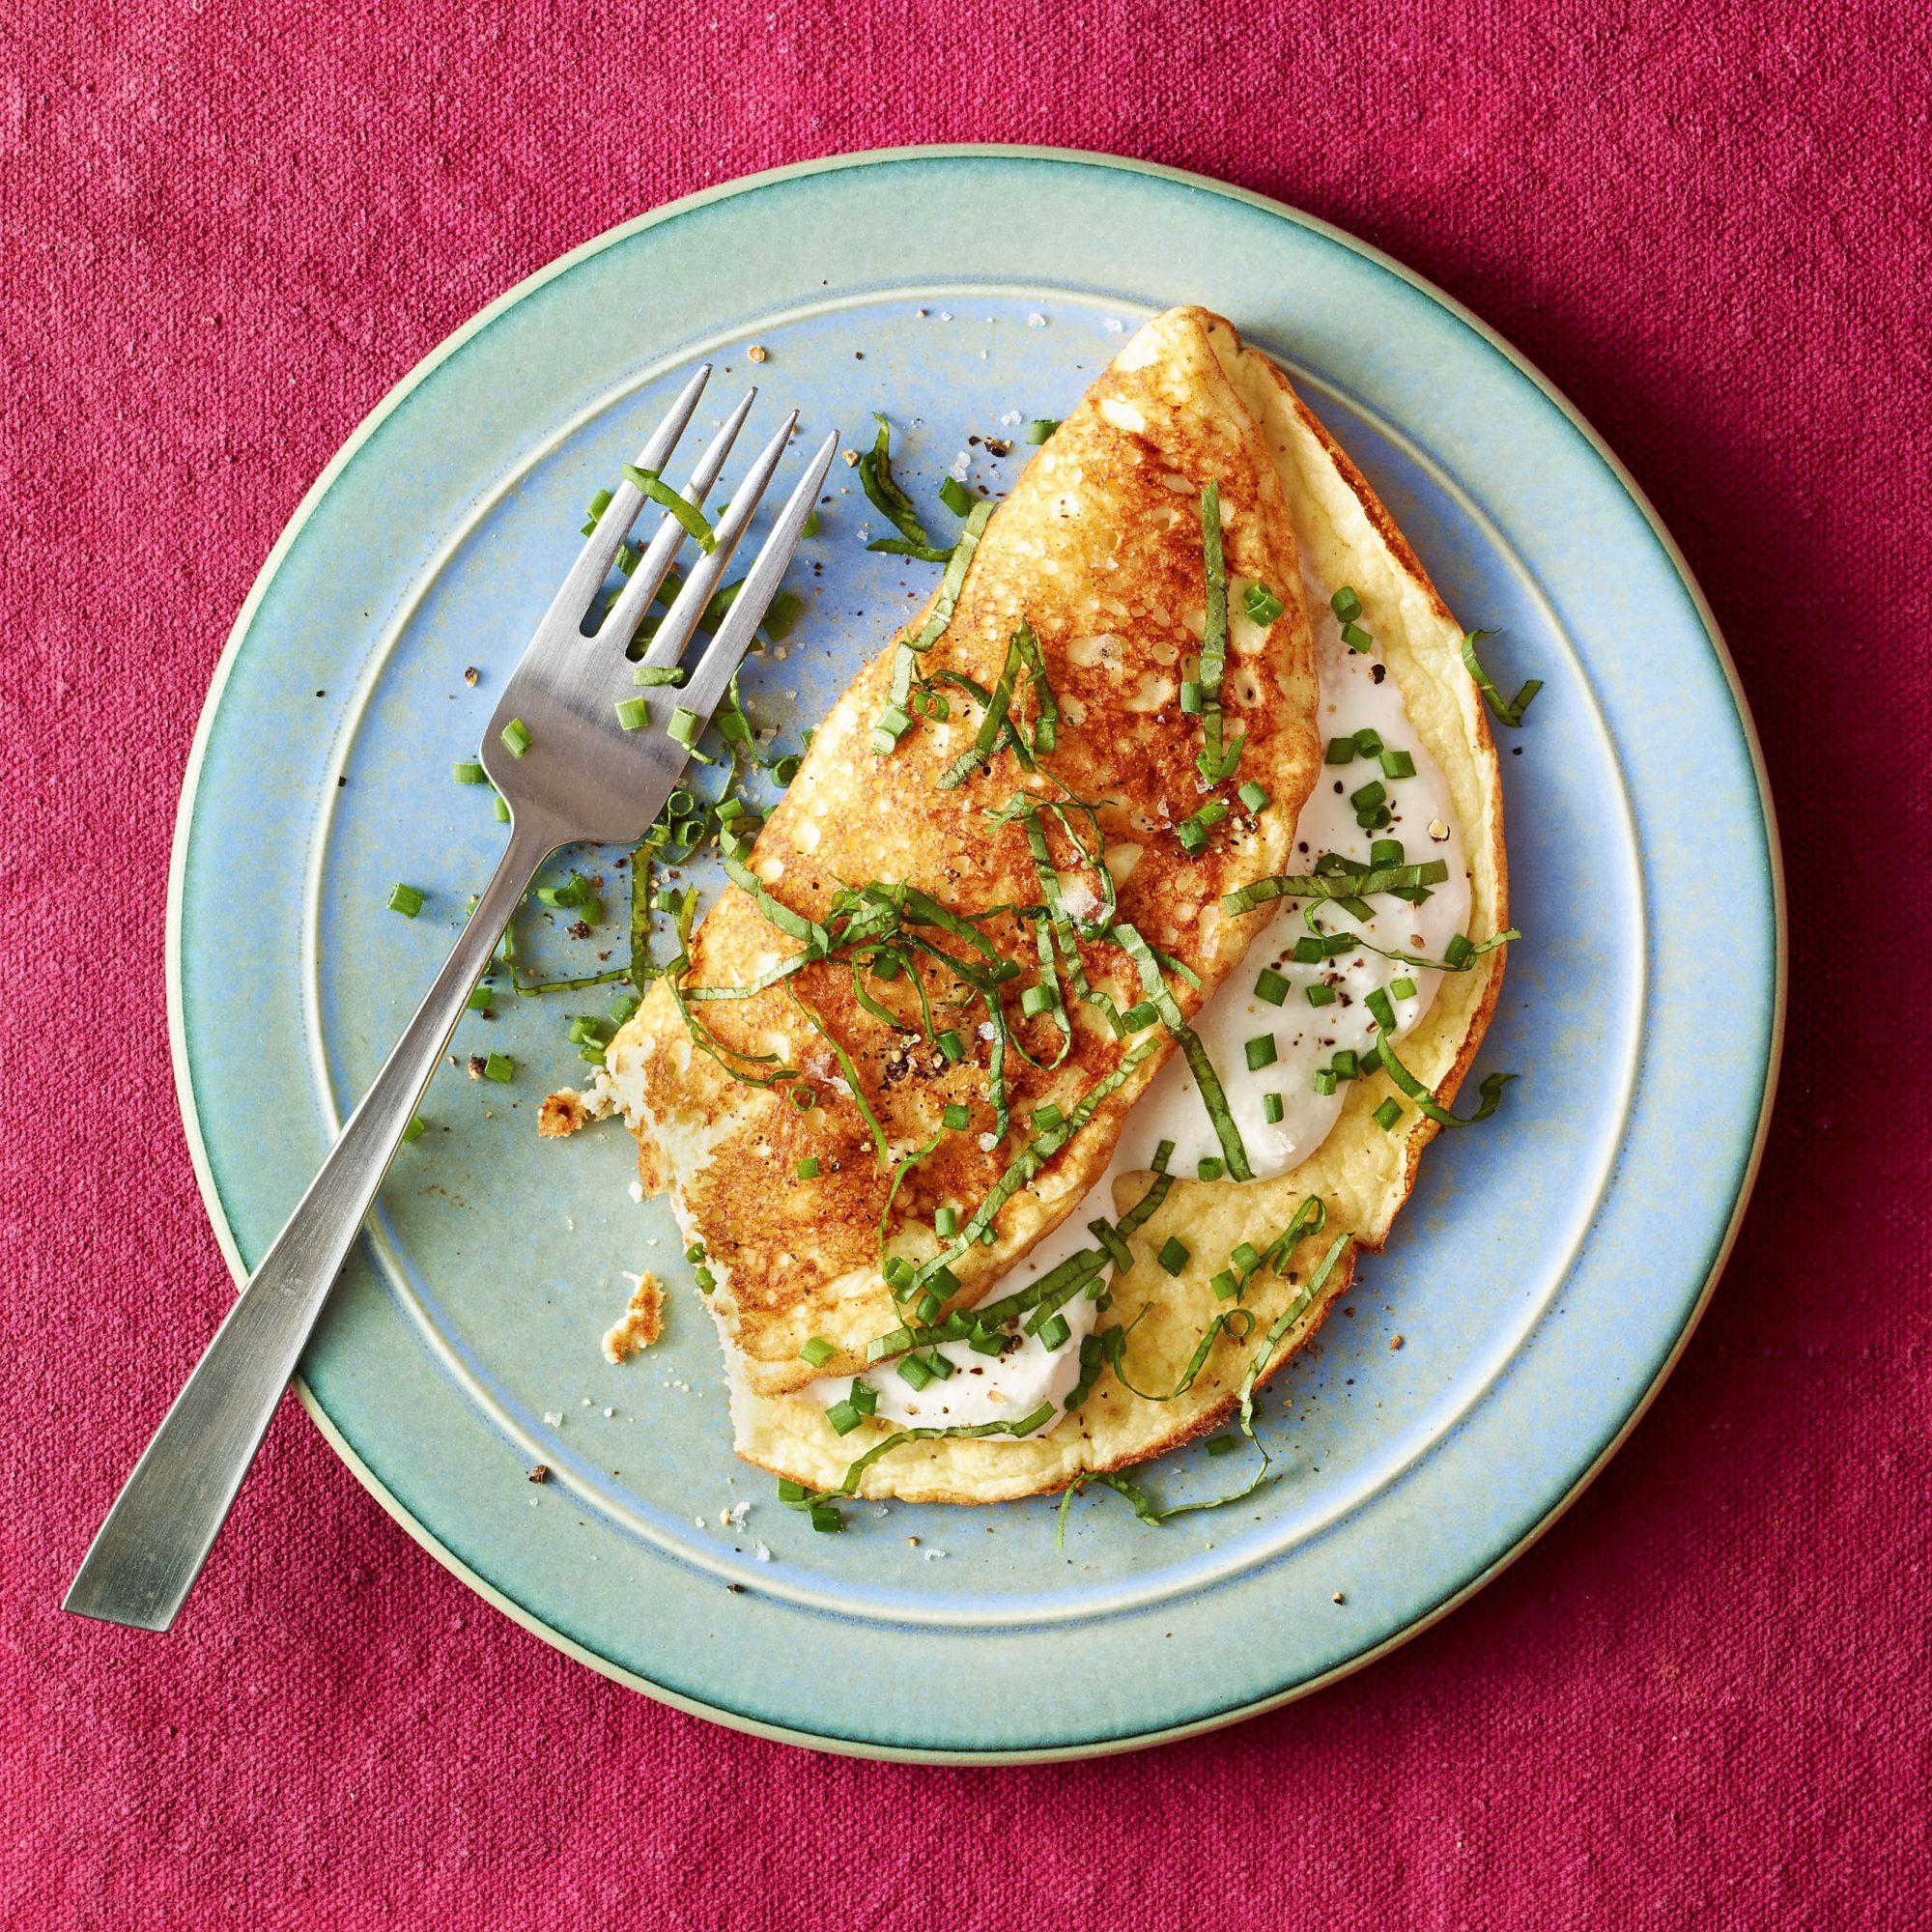 ricotta omelet soufflé